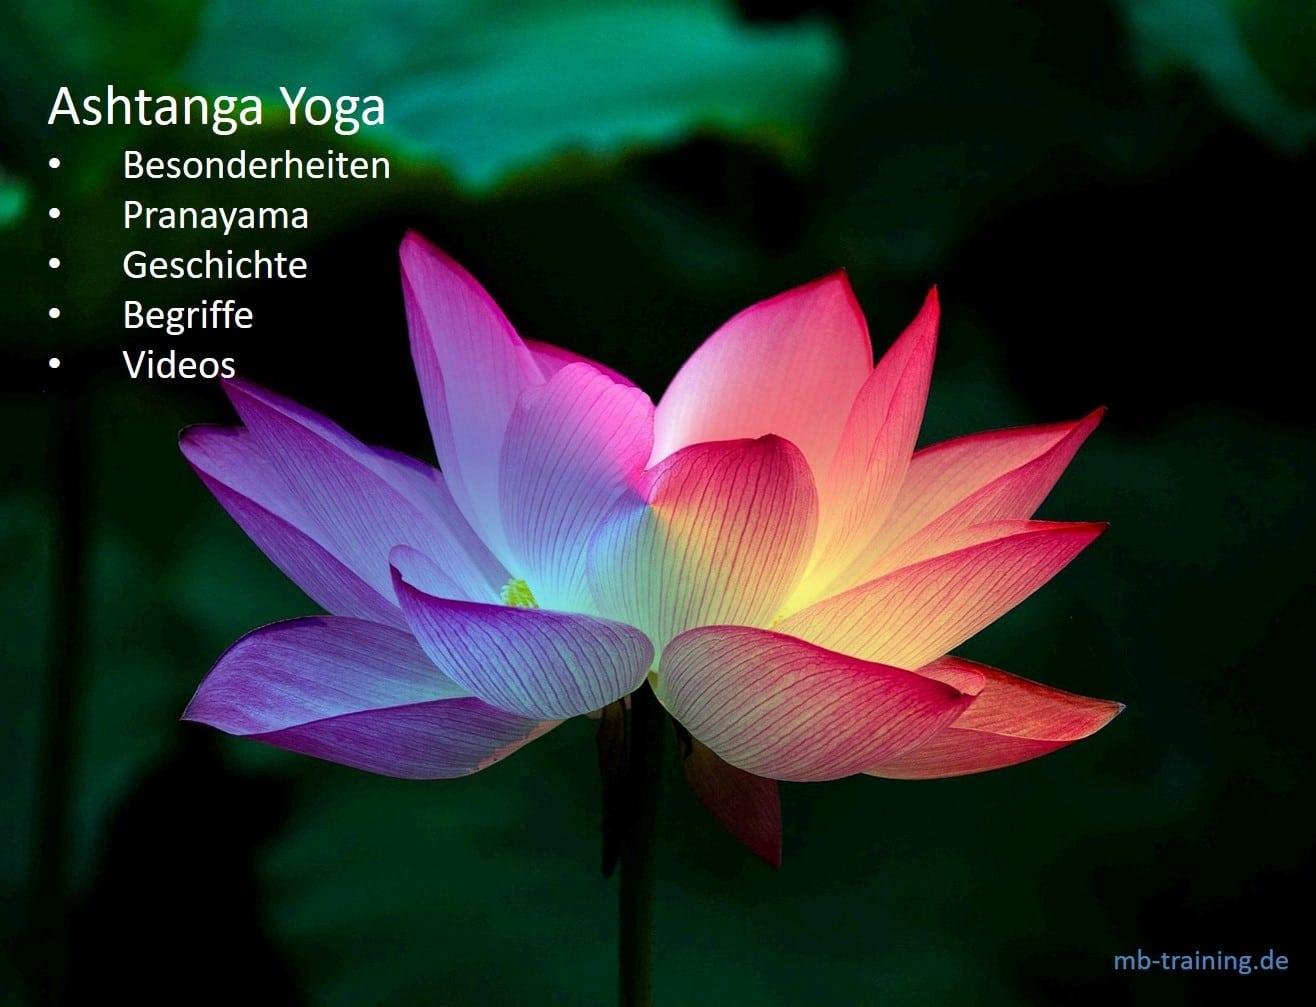 Ashtanga Yoga und die Besonderheiten, Serien,  Geschichte dieser Yoga-Art. Begriffe: Mantra, Pranayama, Drishti, Bandhas und Vinyasa.